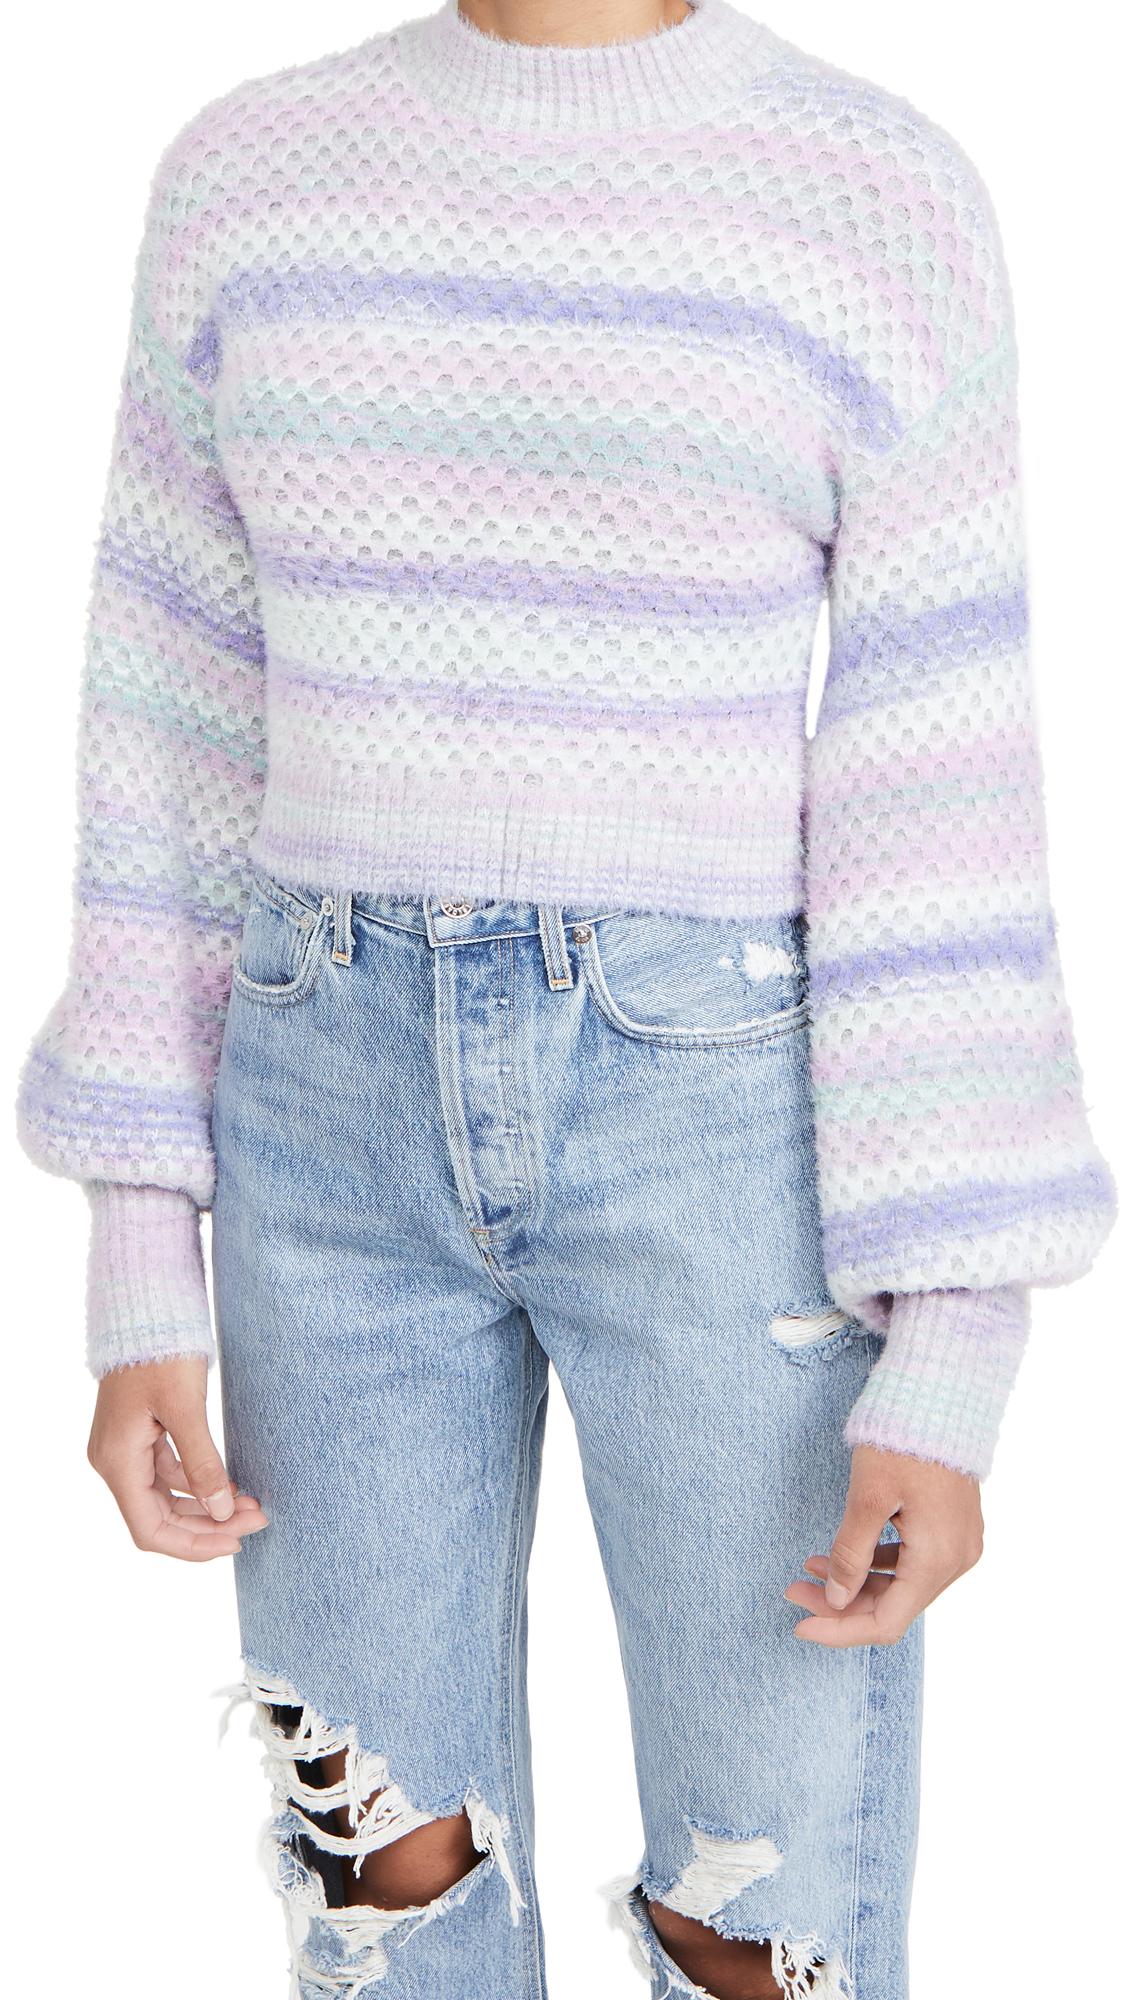 For Love & Lemons Kara Sweater